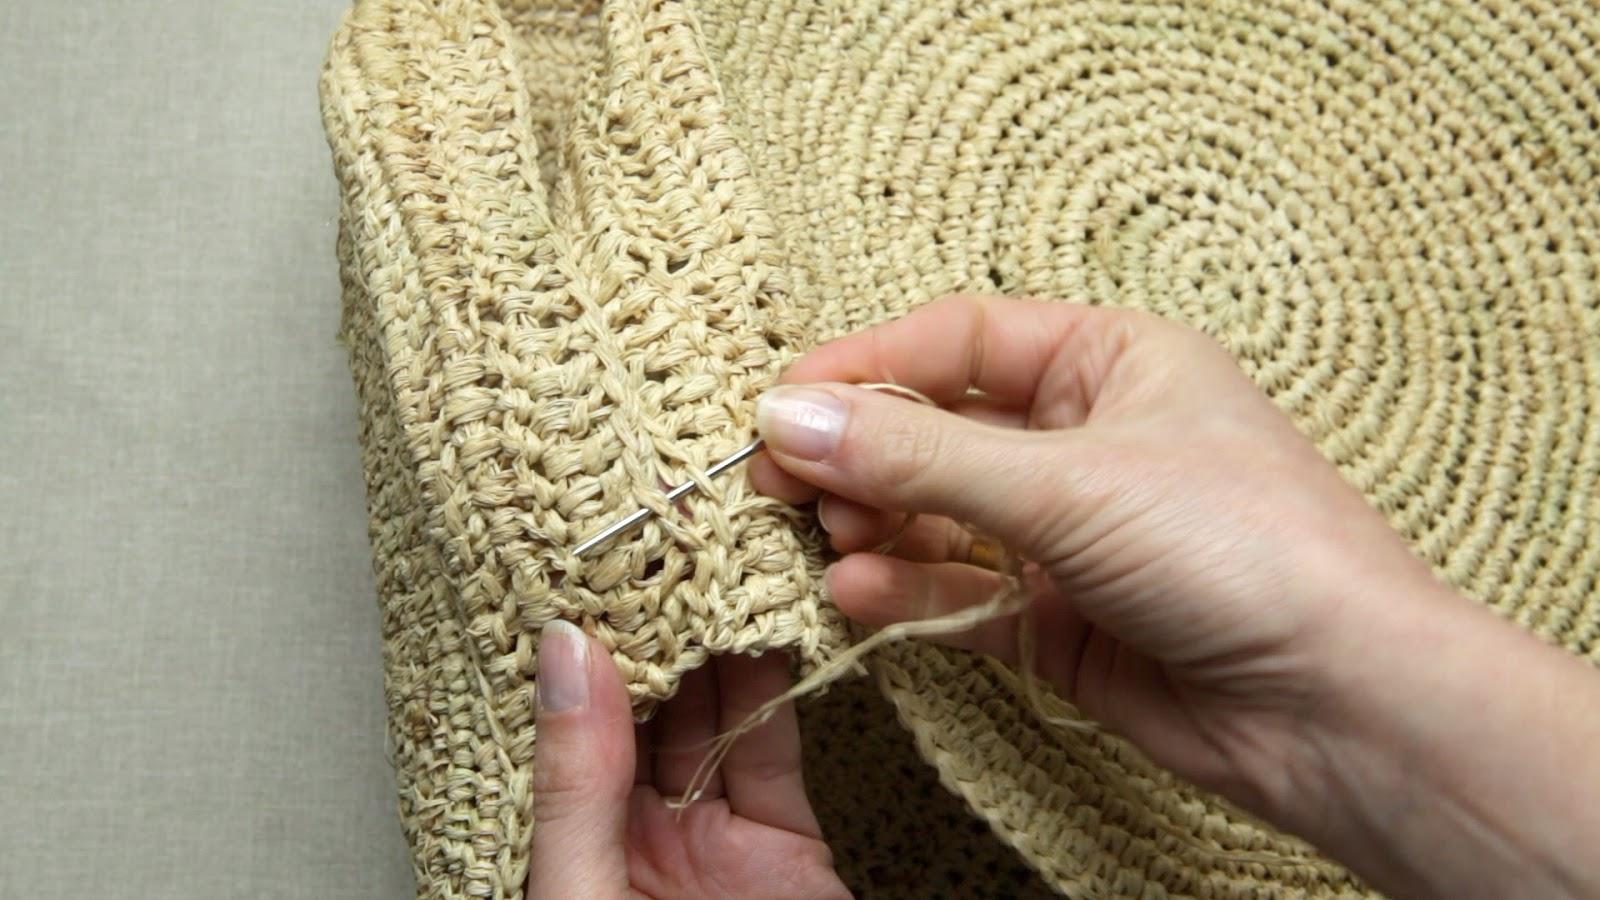 Sac Tout Rond Et Tout Simple A Crocheter En Raphia Hooklook Meli Melo D Idees En Laine Et Au Crochet